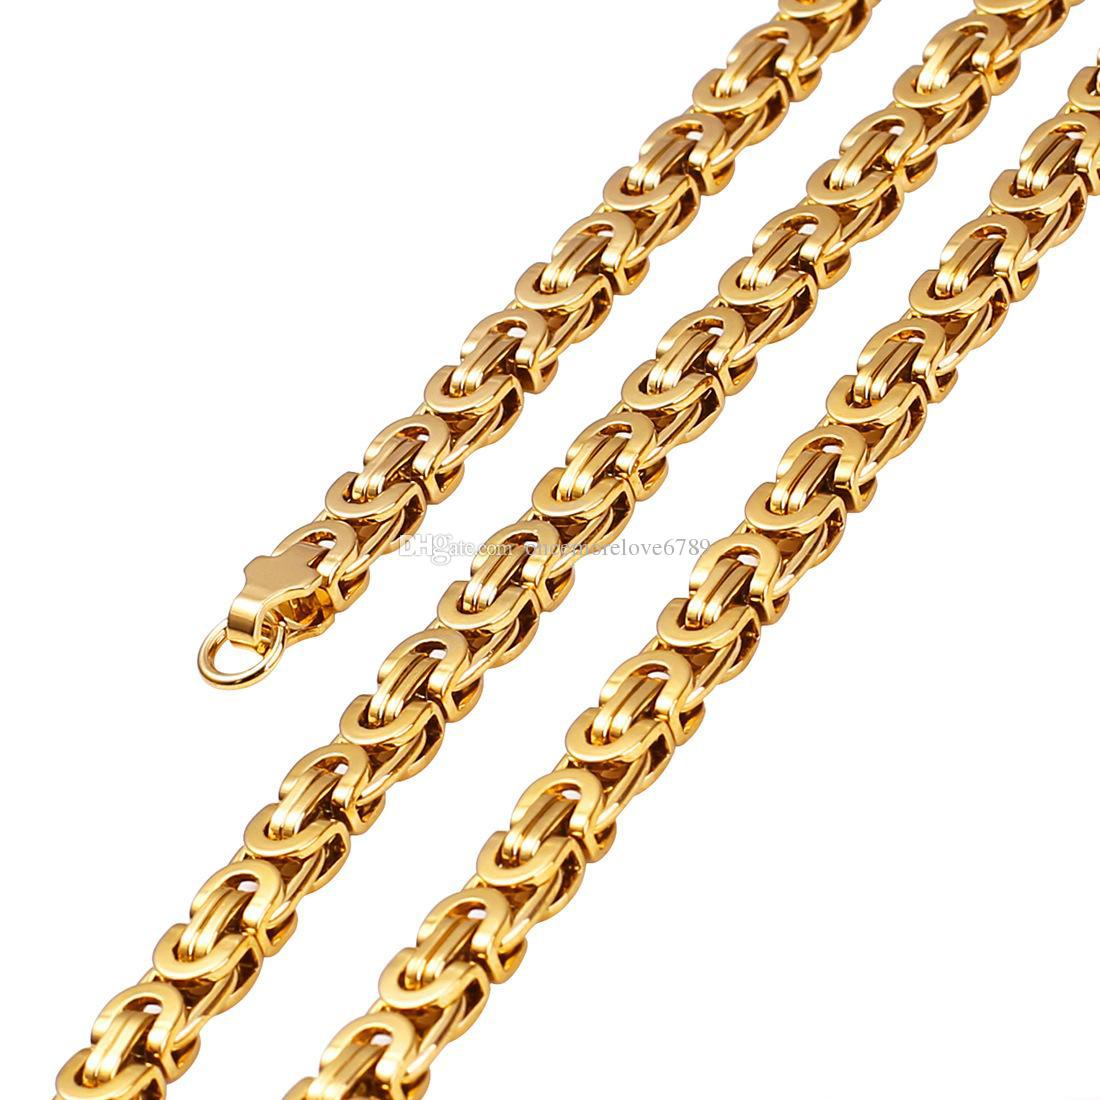 Хип-хоп ювелирные изделия мужские крест ожерелья титана стали христианский Иисус кресты кулон золото заполненные цепи для женщин s мода ювелирные изделия подарок